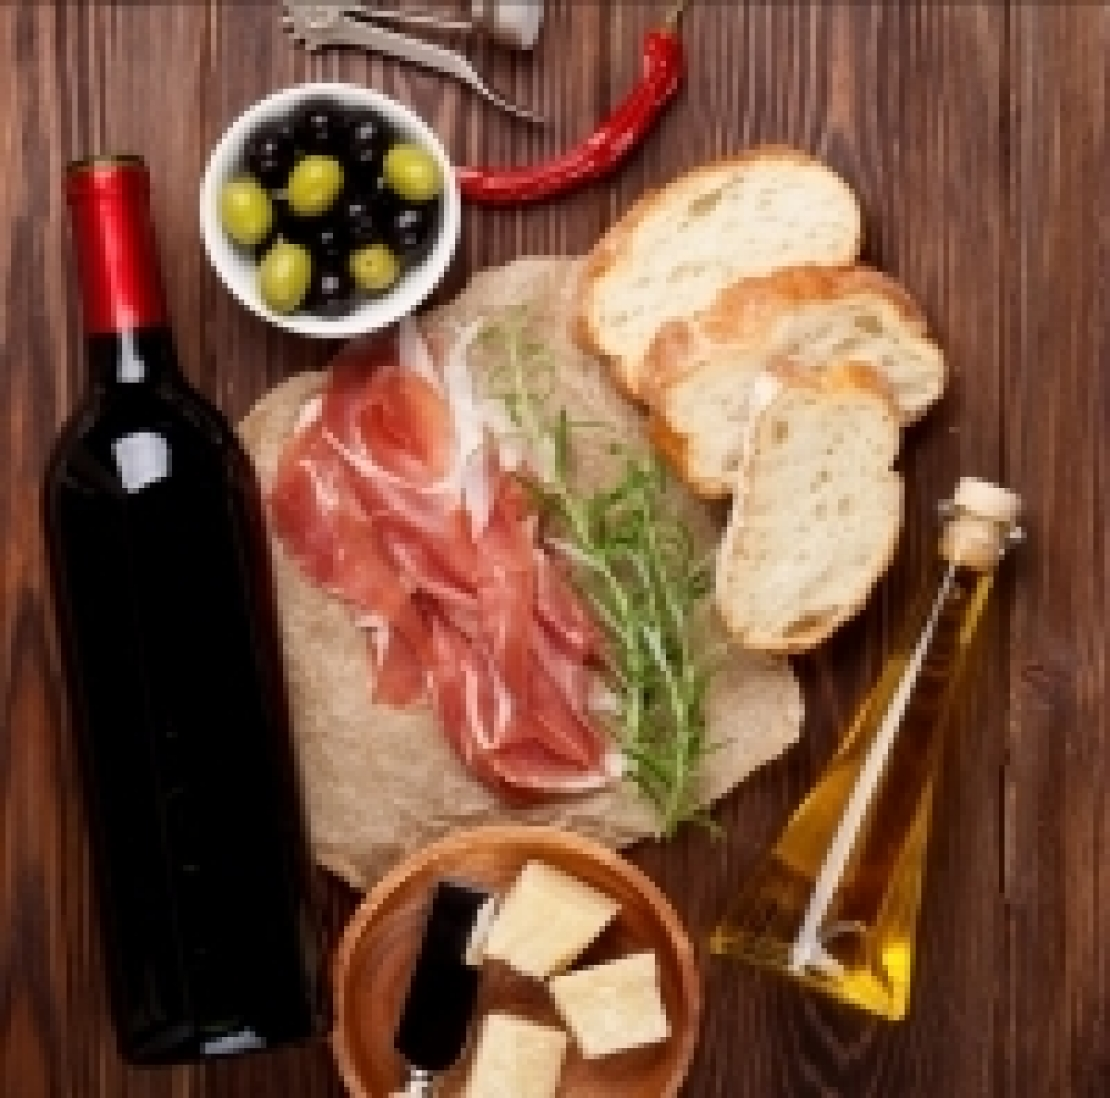 Un tocco d'italianità, perchè vino e olio non devono farsi la guerra